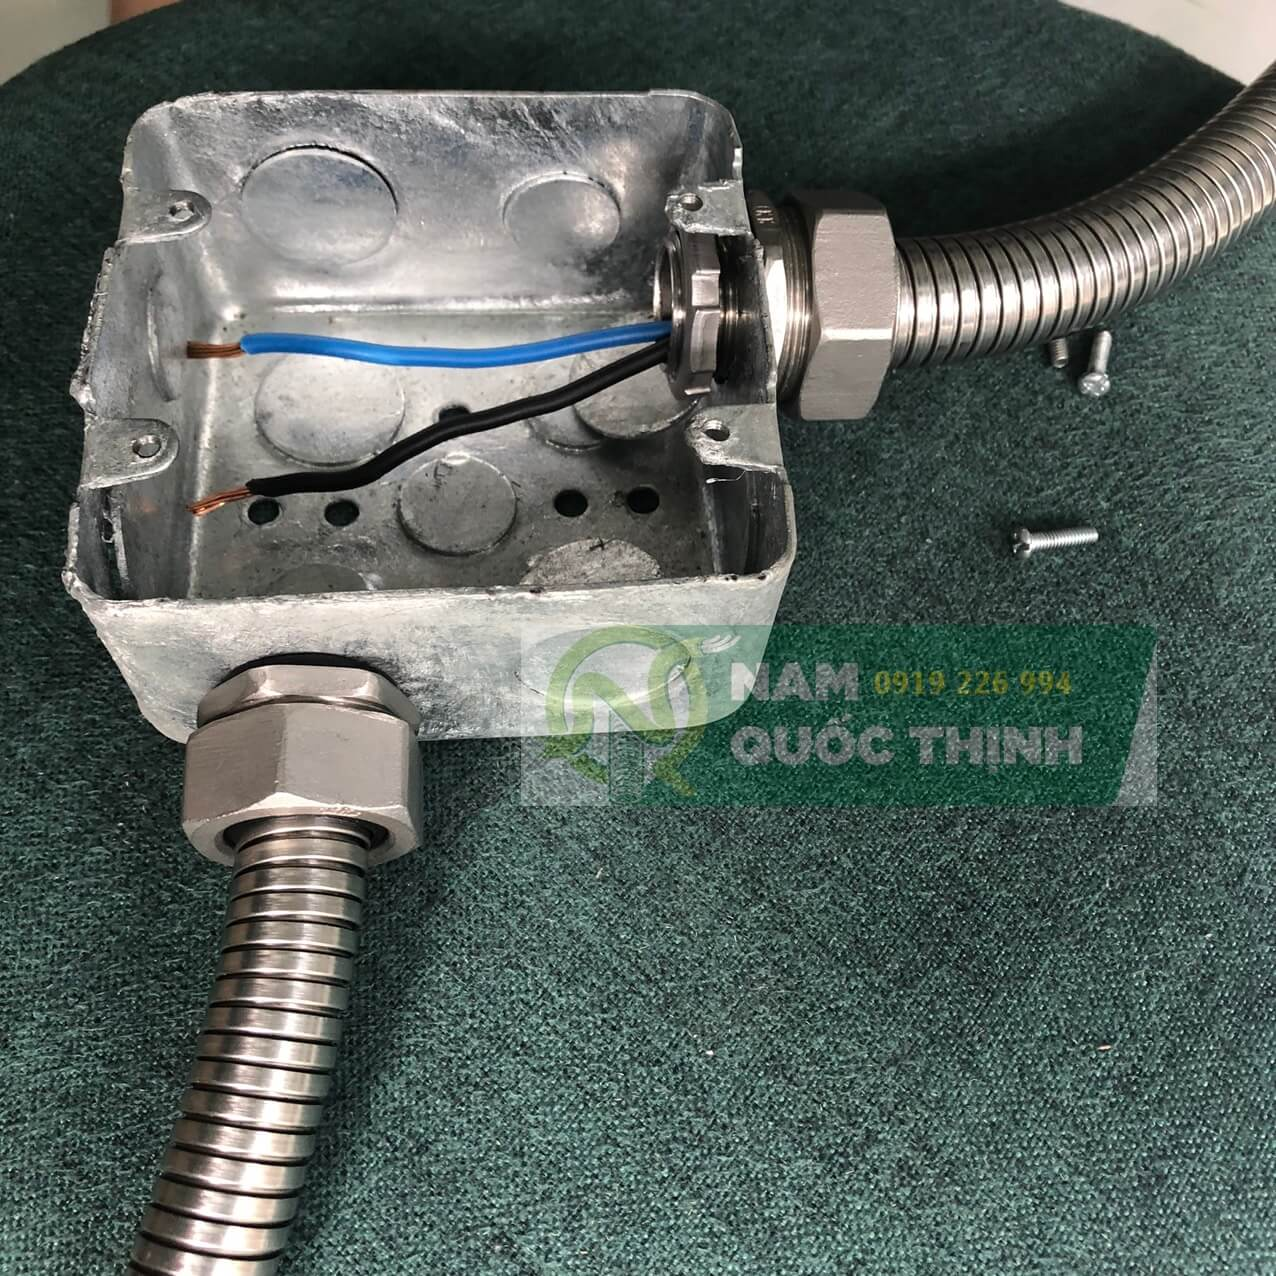 Đầu nối ống ruột gà kín nước inox 304 vào hộp thép âm tường nhúng nóng